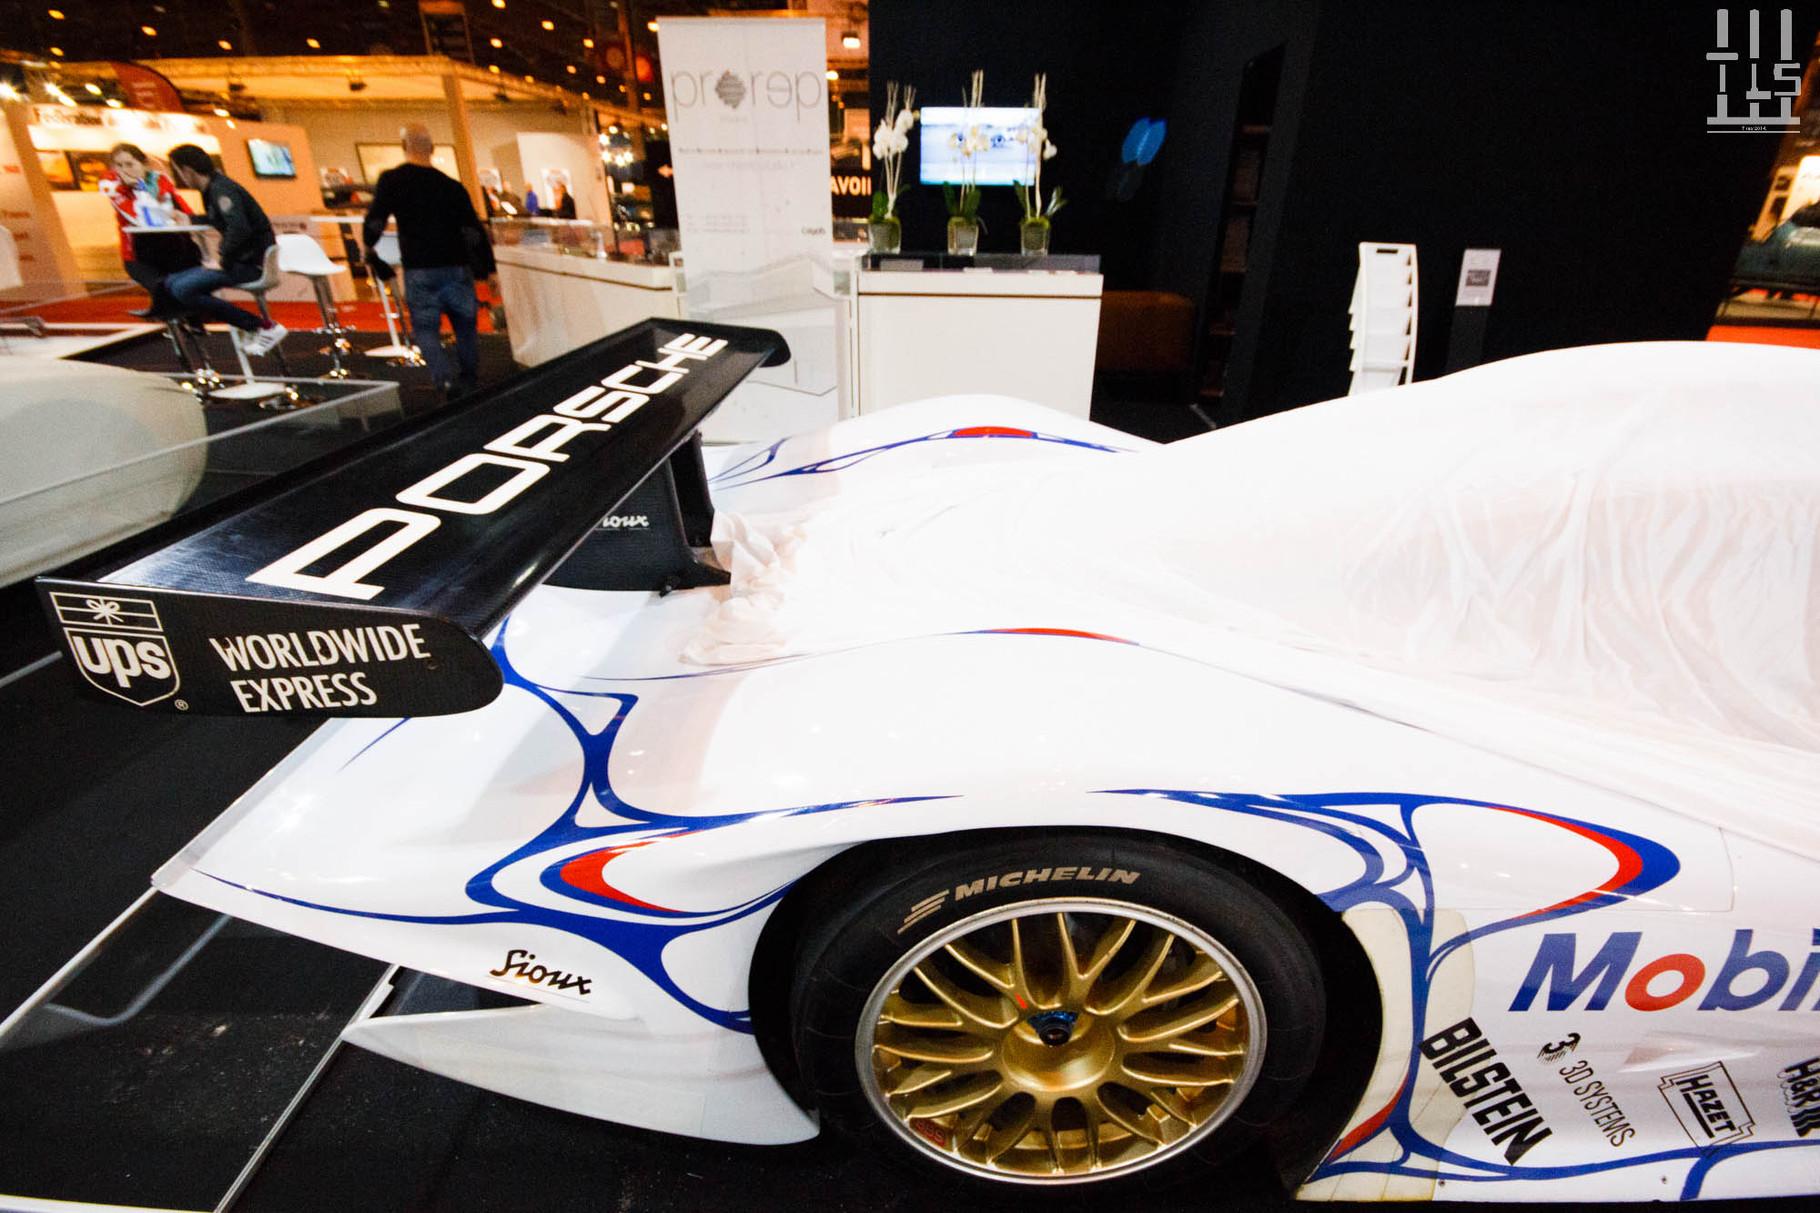 Restons chez les constructeurs avec pour la seconde ou troisième année consécutive une 996 GT1 de course chez Porsche...